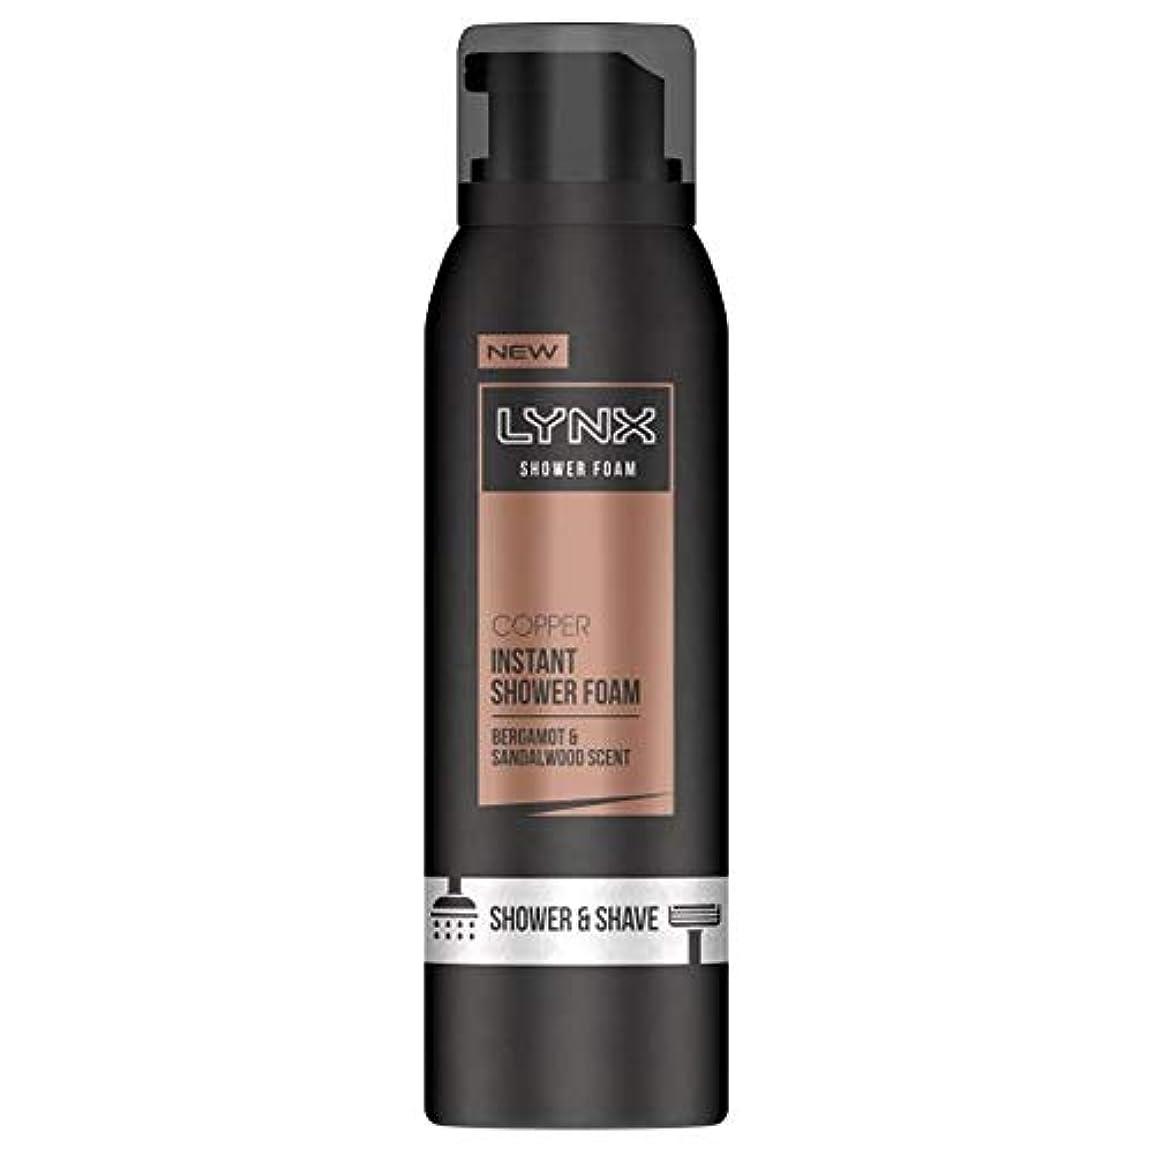 店員びっくりする引き渡す[Lynx] オオヤマネコの銅シャワー泡200ミリリットル - Lynx Copper Shower Foam 200Ml [並行輸入品]